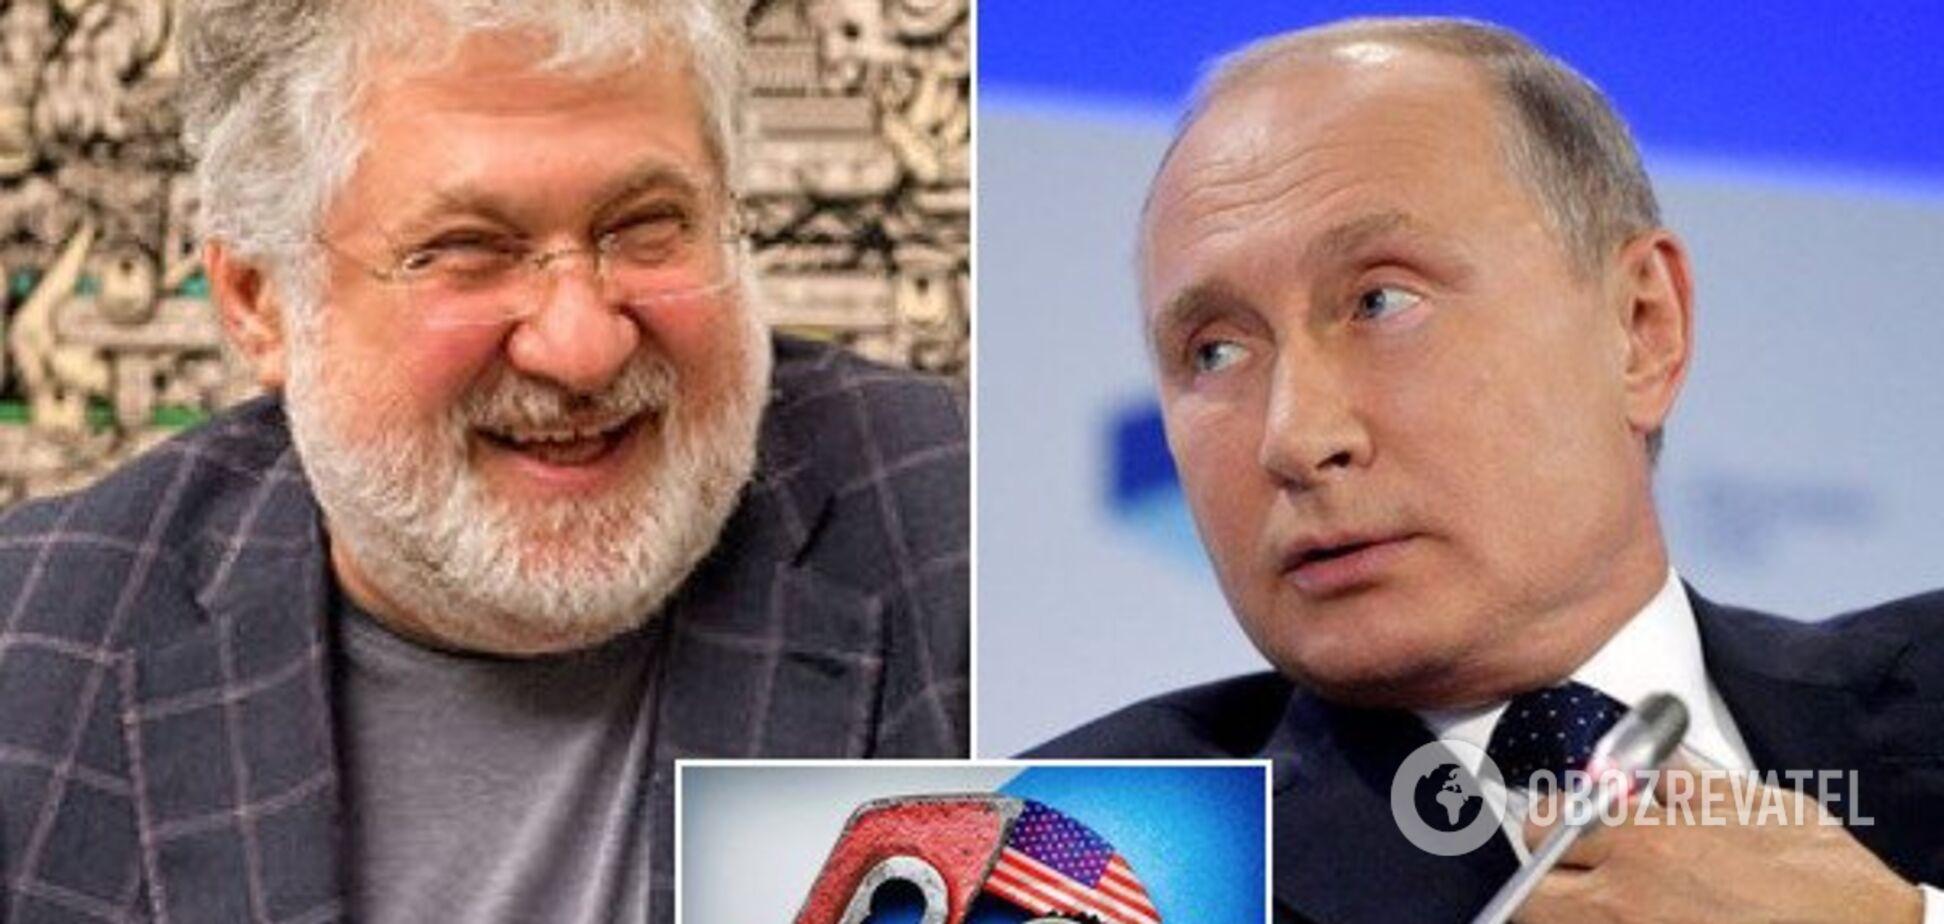 Коломойський запропонував зняти санкції з Росії